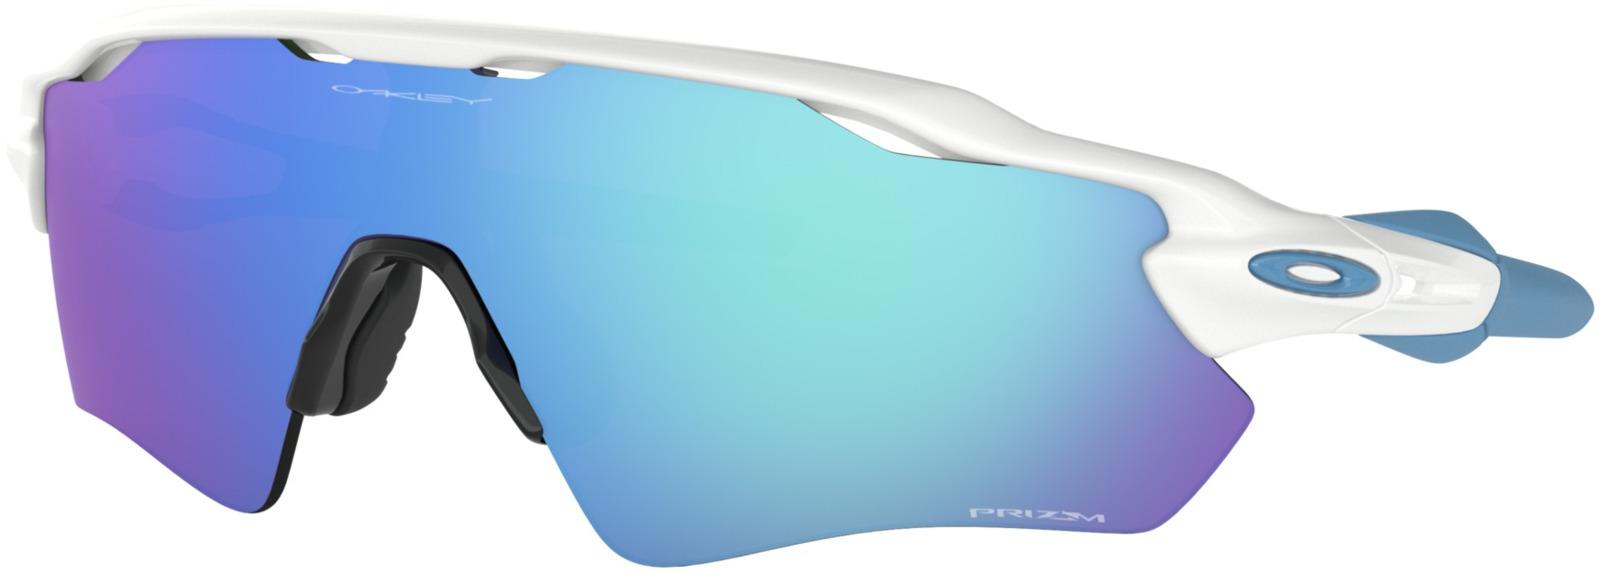 Велосипедные очки Oakley Radar Ev Path Polished, цвет: белый, голубой